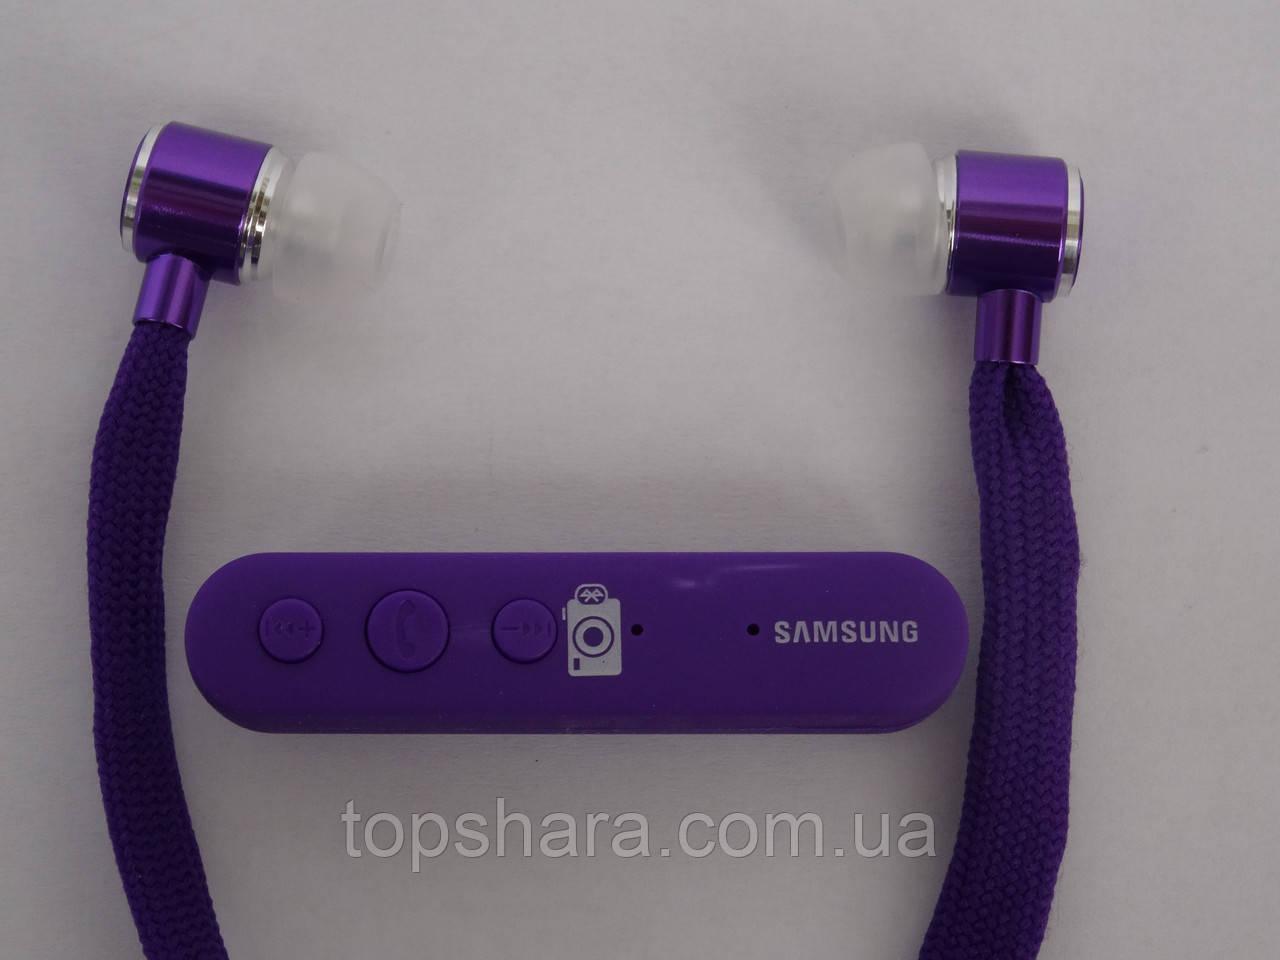 Гарнитура наушники SAMSUNG HS-350 BT Bluetooth Фиолетовые